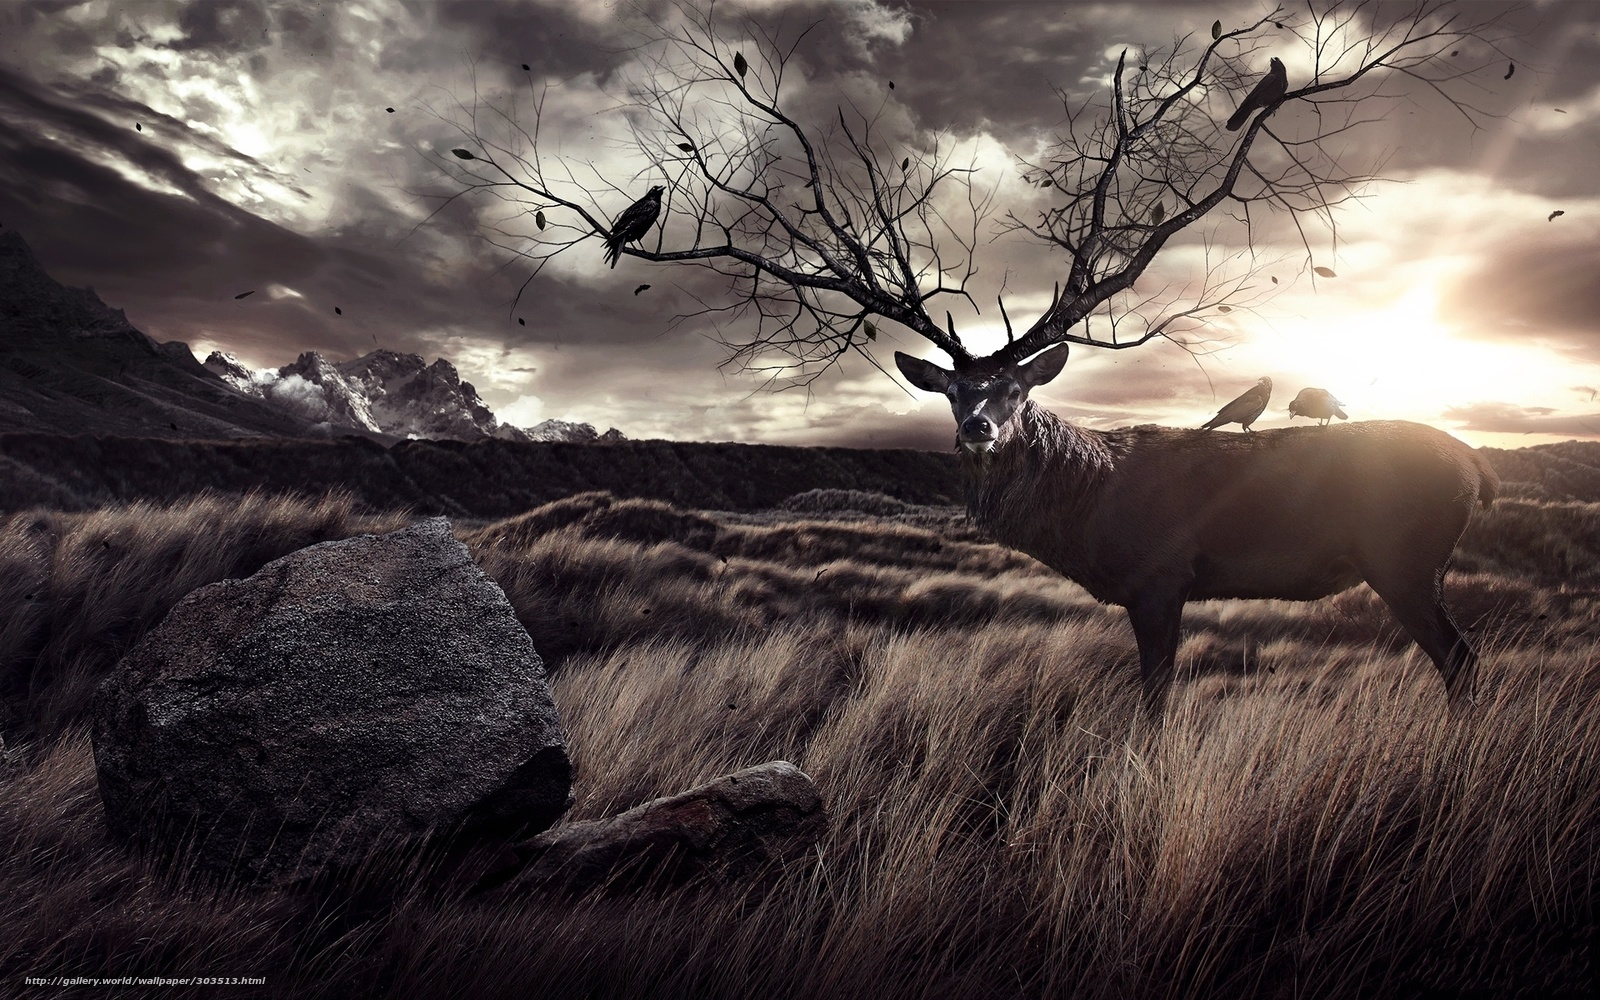 Download wallpaper Deer raven stone desktop wallpaper in the 1600x1000